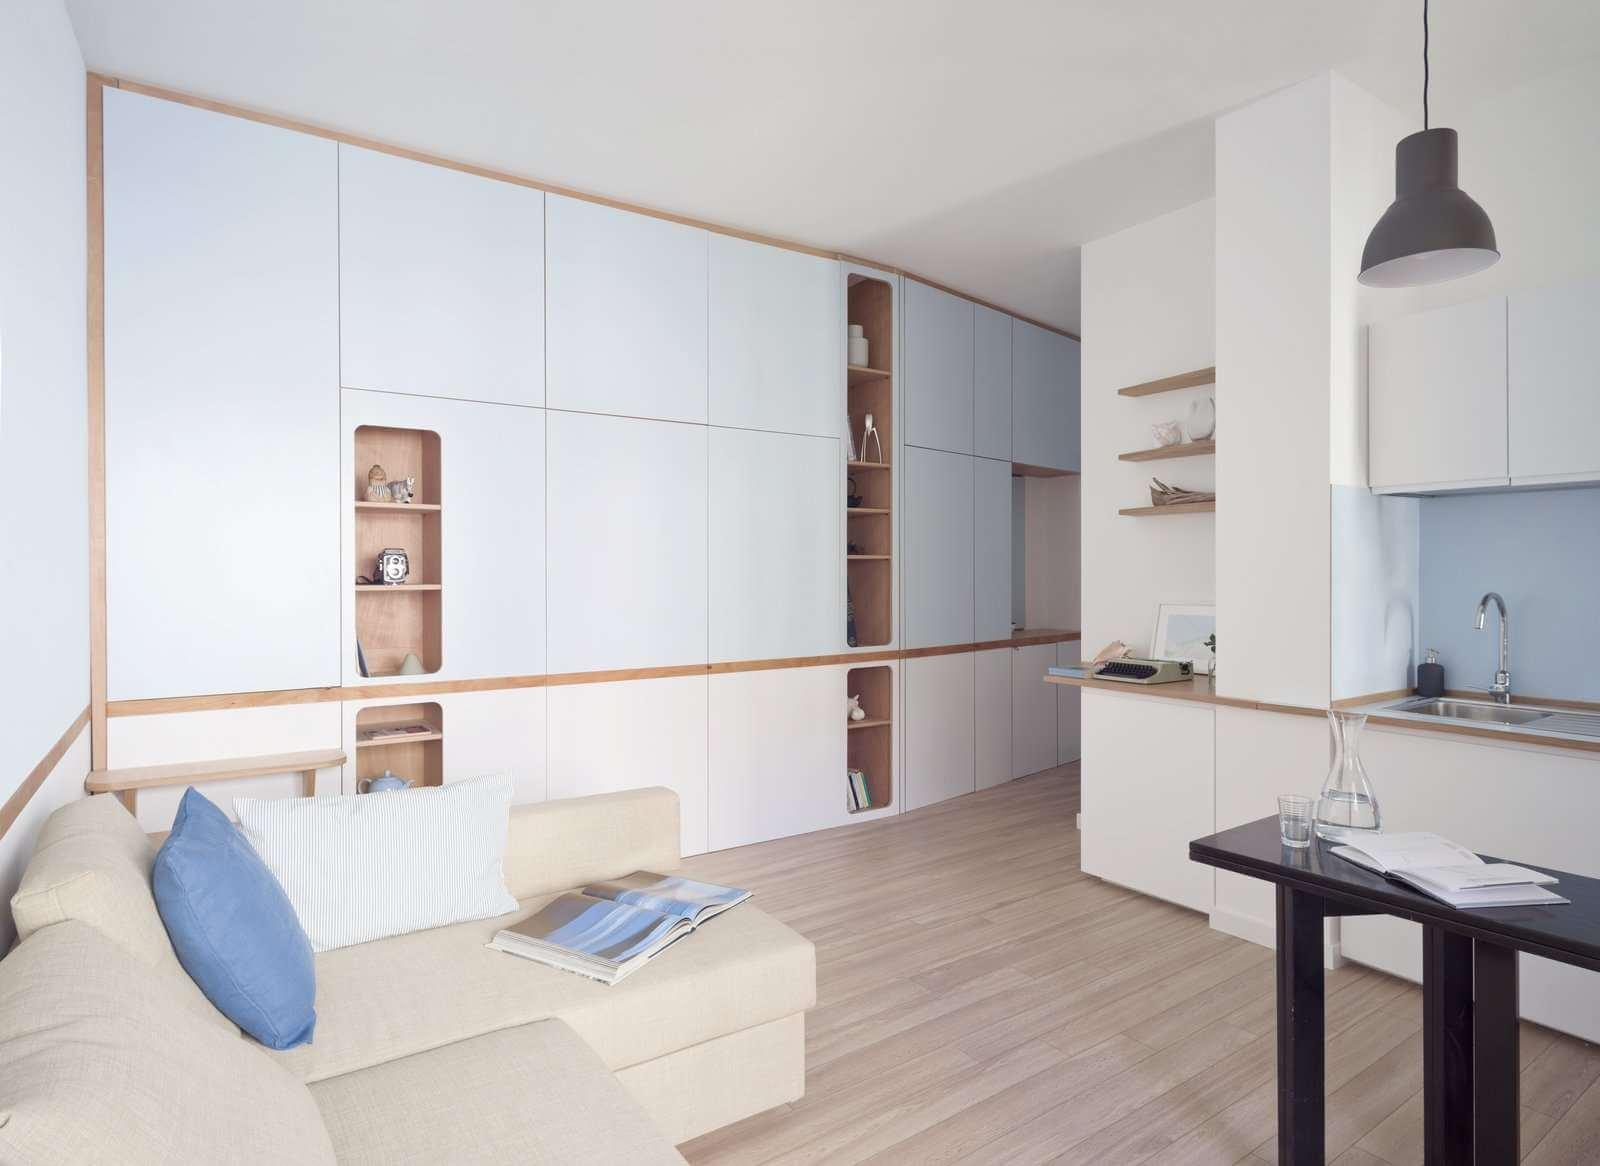 интерьер квартиры студии 30 кв м